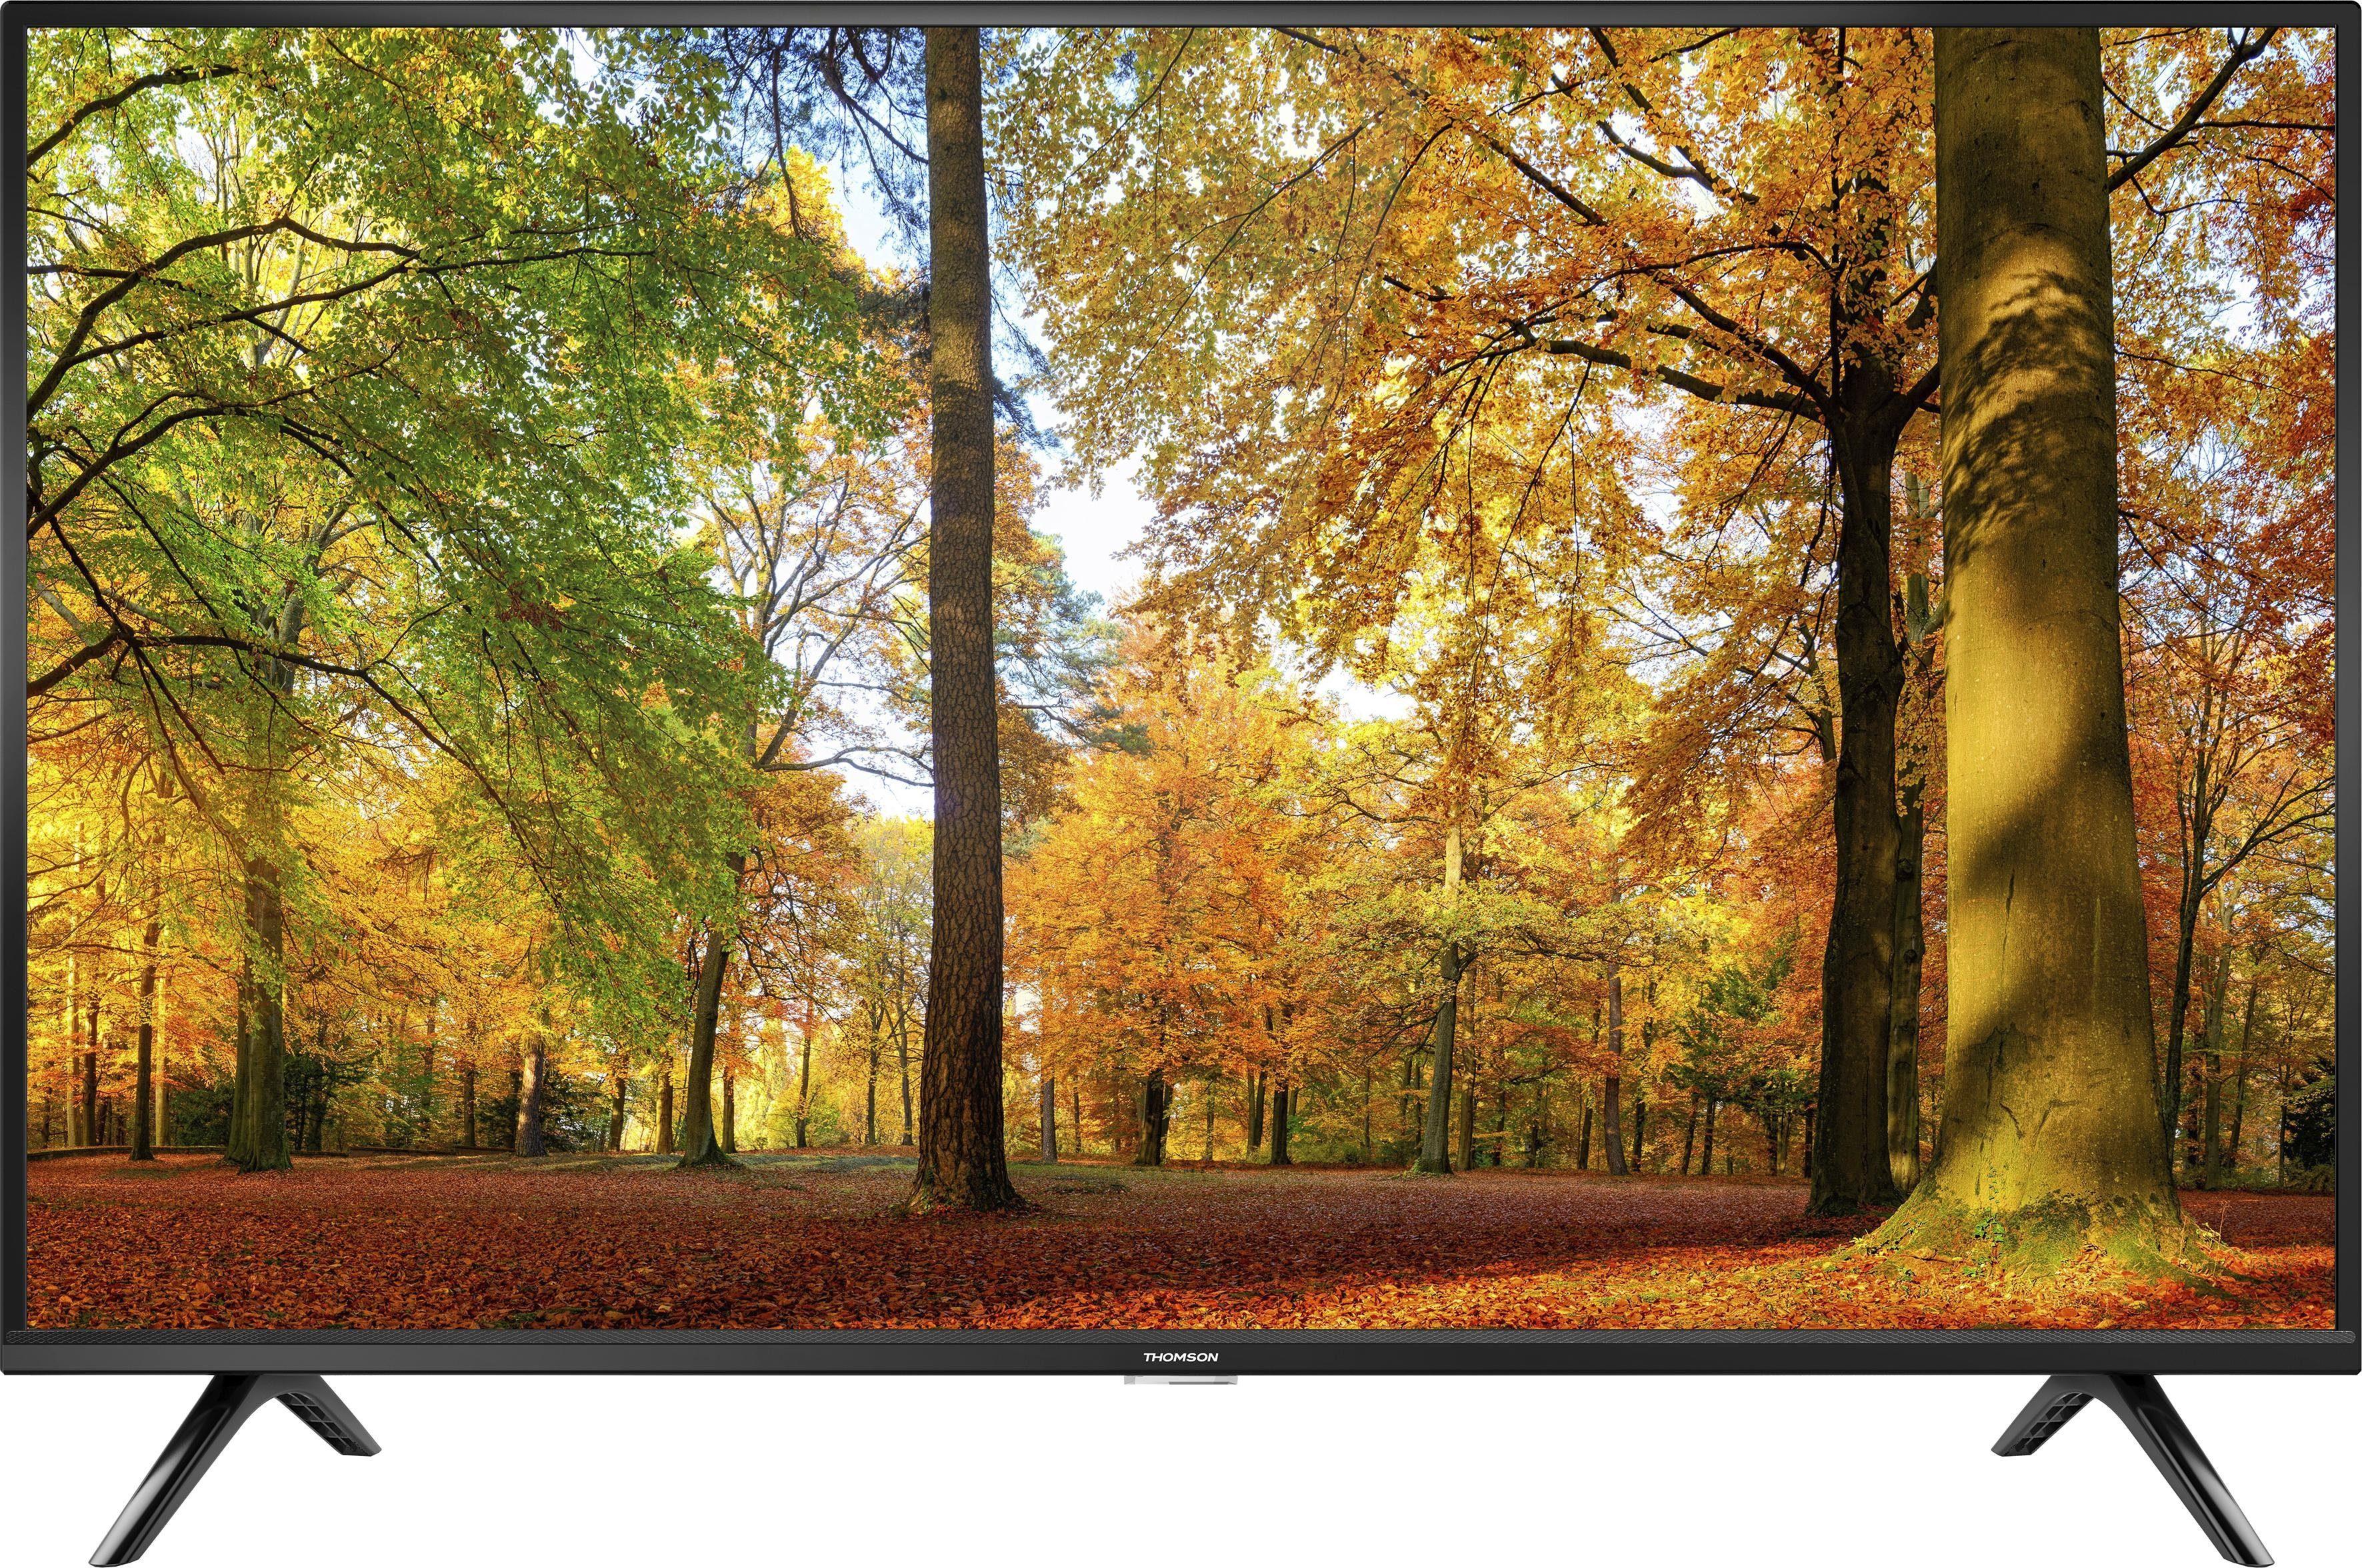 Thomson 40FD3306X1 LED-Fernseher (100 cm/40 Zoll, Full HD)